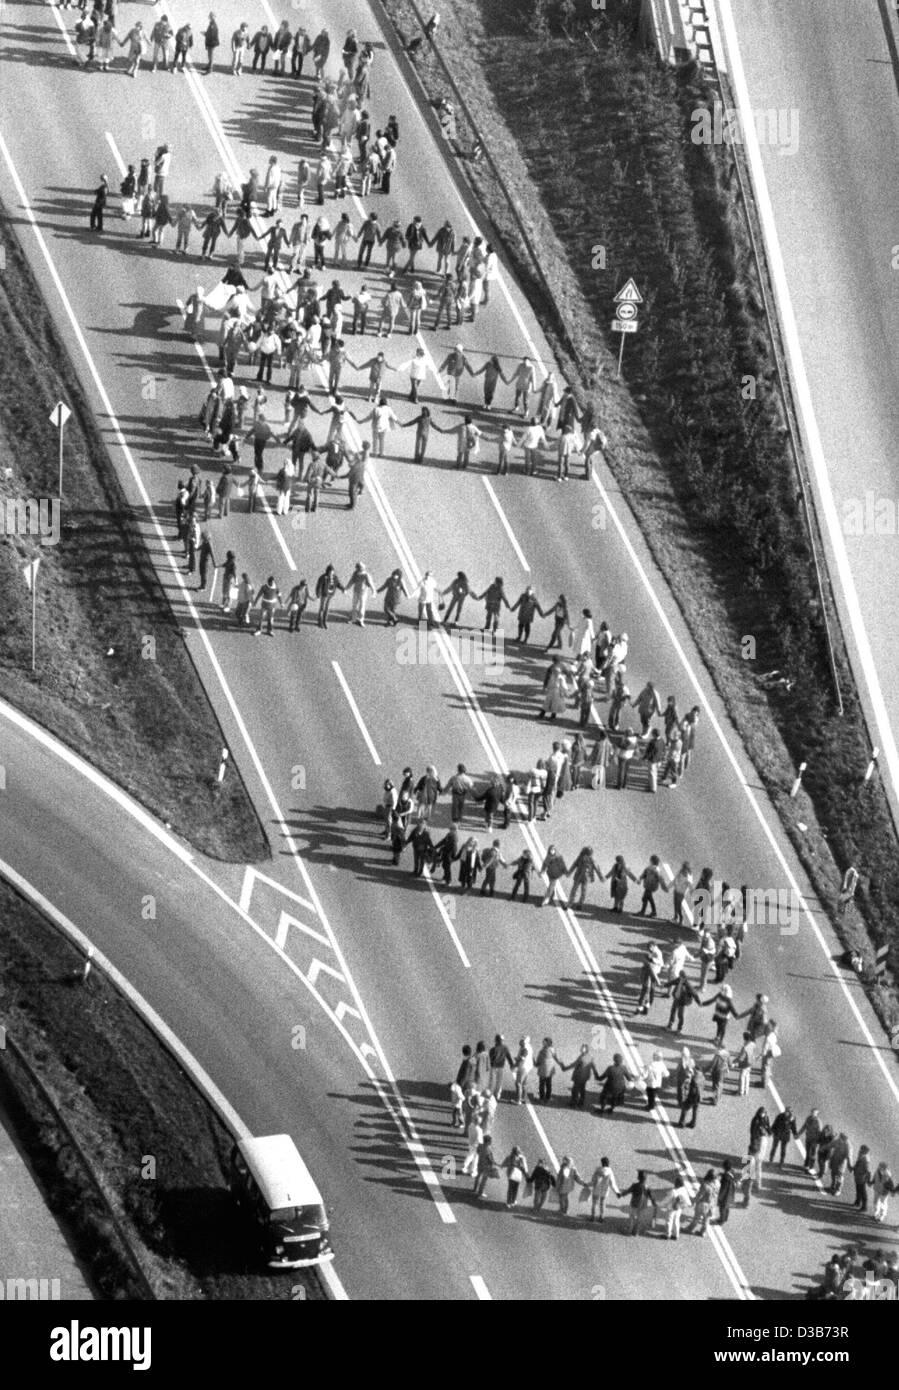 (Afp) - Une vue aérienne montre une ligne de manifestants pour la paix, pour protester contre le déploiement Photo Stock